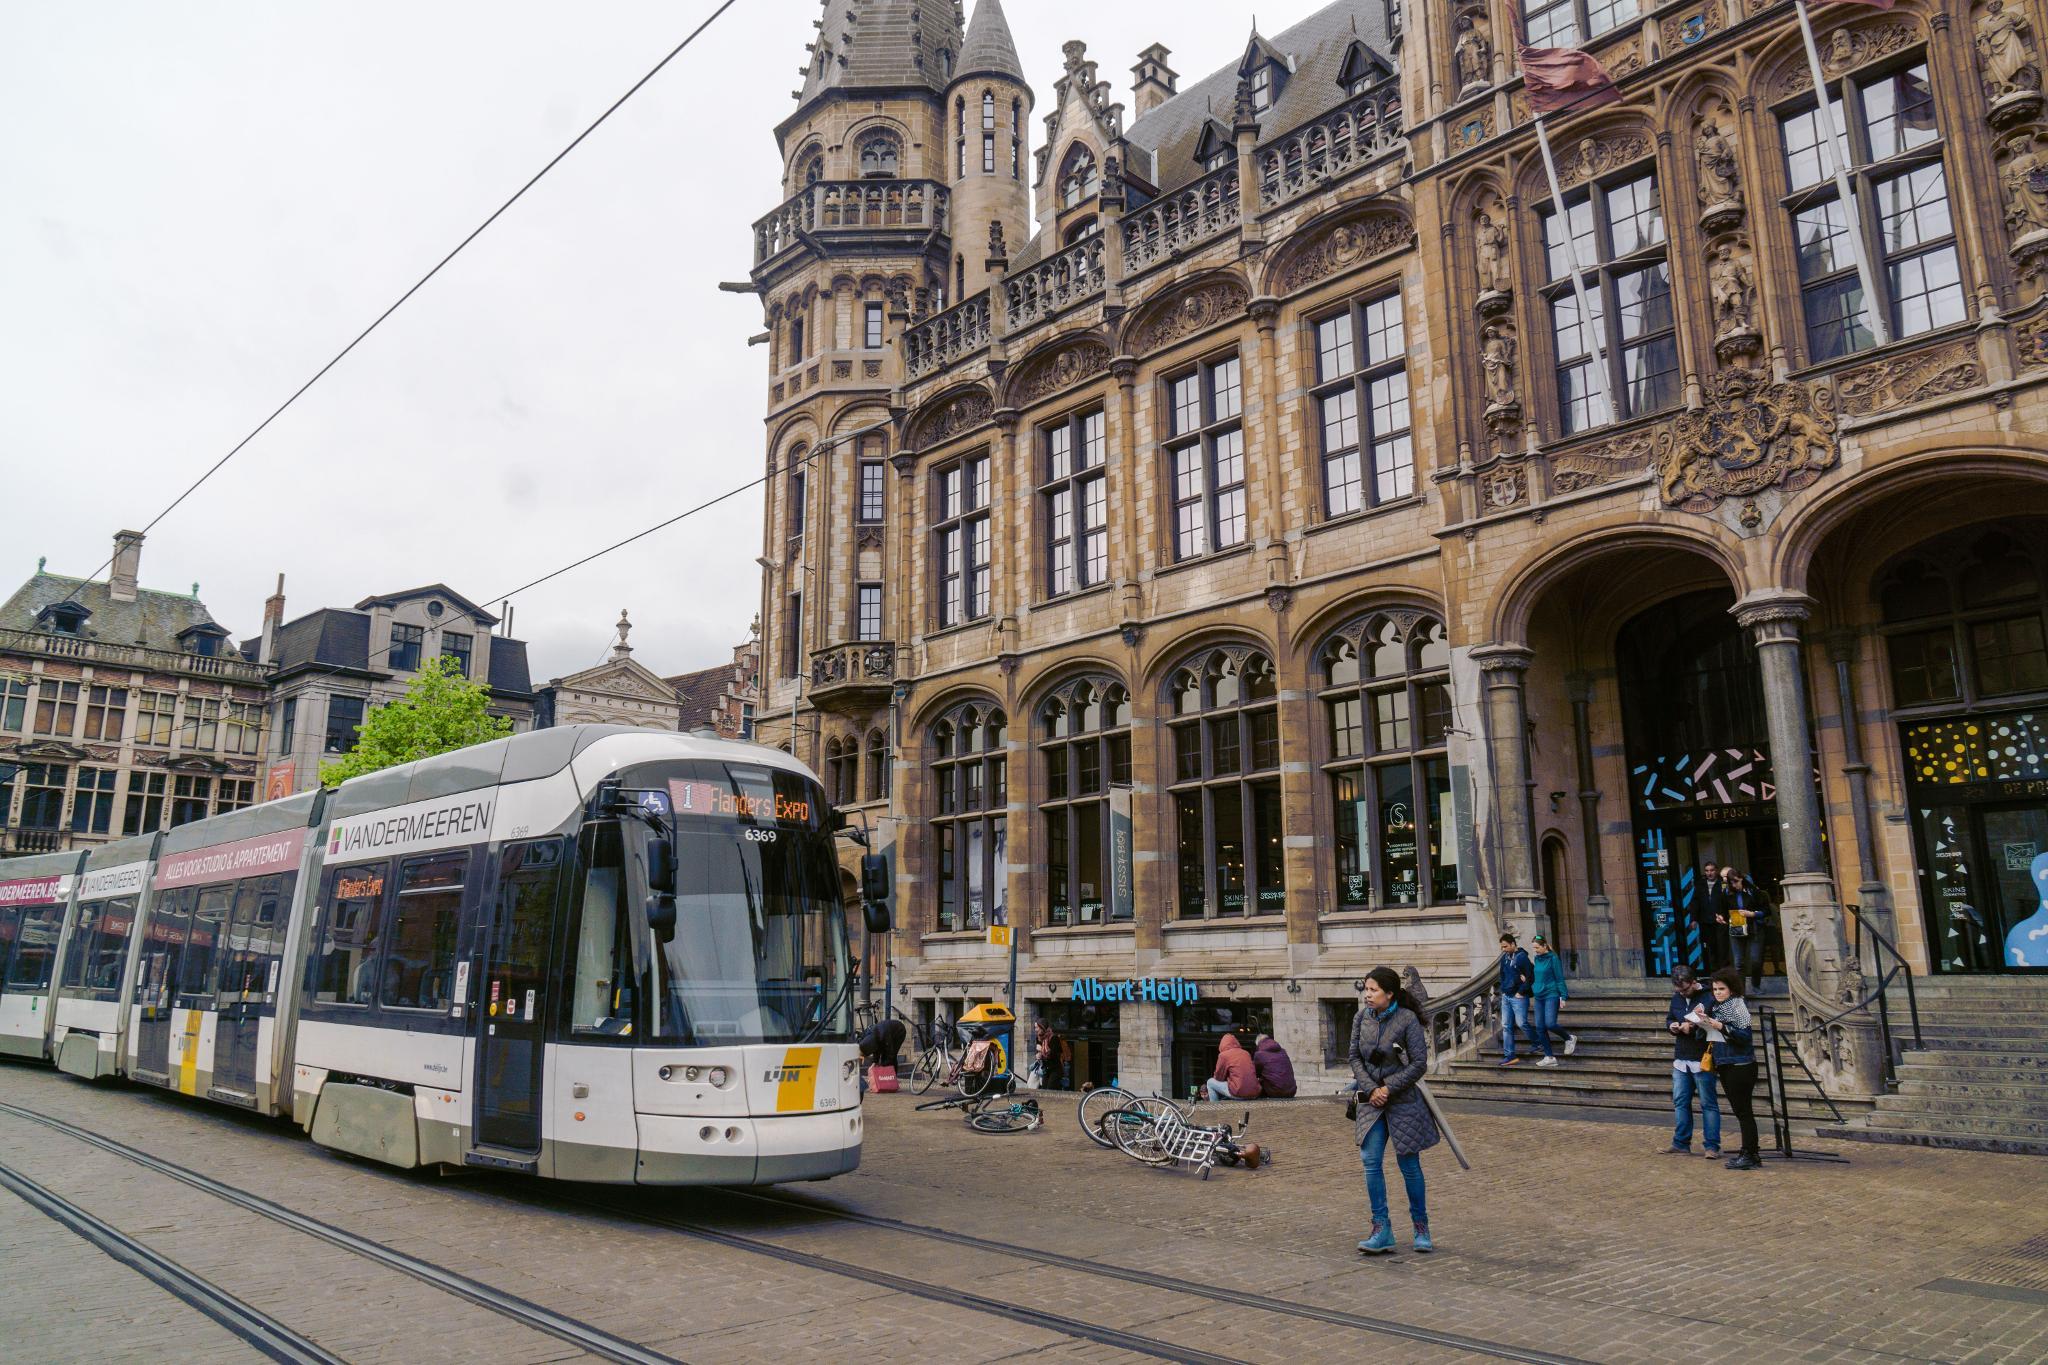 【比利時】穿梭中世紀的大城小事 — 比利時根特 (Ghent) 散步景點總整理 105